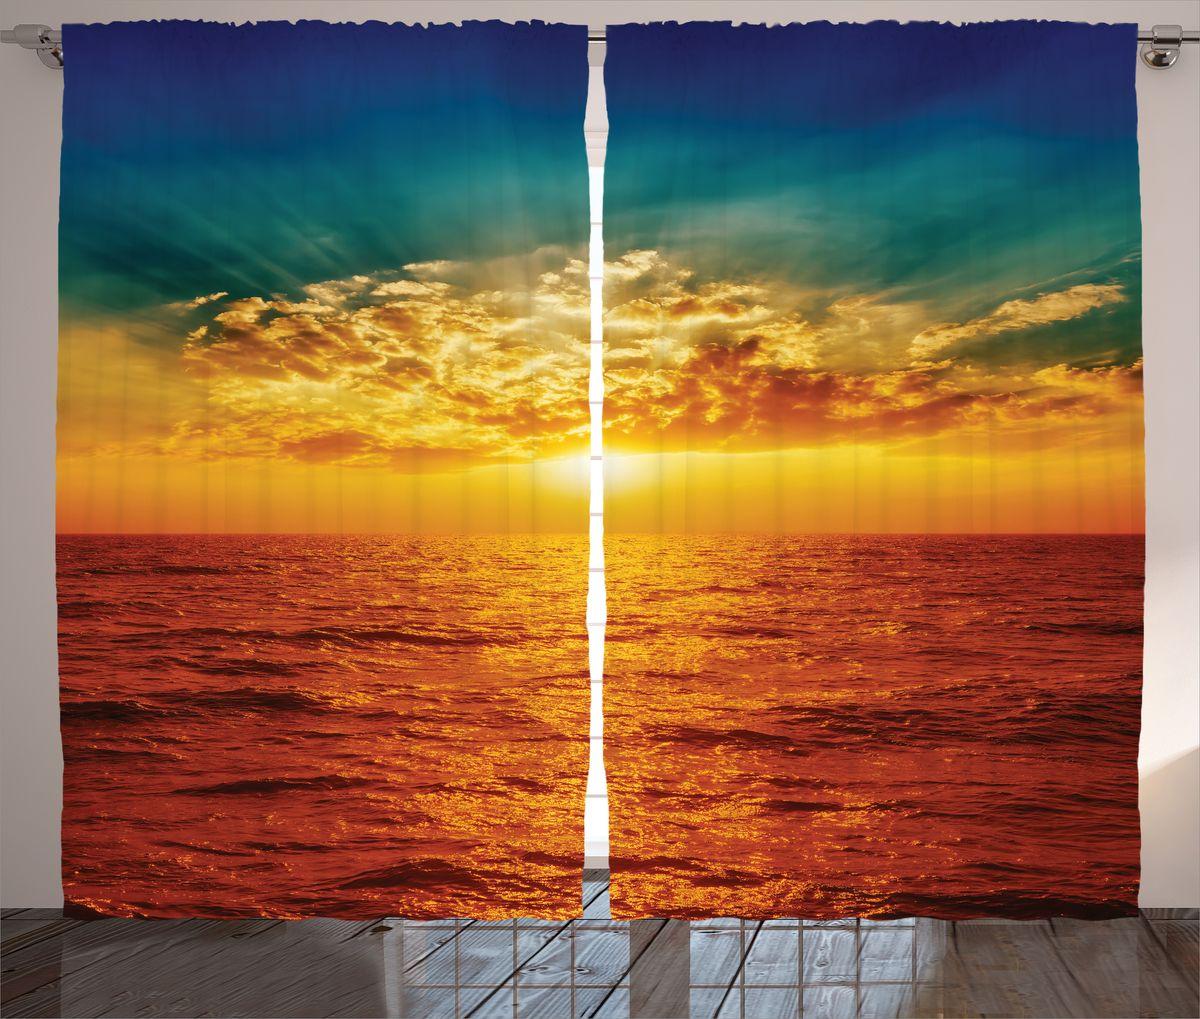 Комплект фотоштор Magic Lady Красное море, на ленте, высота 265 см. шсг_1503121245Компания Сэмболь изготавливает шторы из высококачественного сатена (полиэстер 100%). При изготовлении используются специальные гипоаллергенные чернила для прямой печати по ткани, безопасные для человека и животных. Экологичность продукции Magic lady и безопасность для окружающей среды подтверждены сертификатом Oeko-Tex Standard 100. Крепление: крючки для крепления на шторной ленте (50 шт). Возможно крепление на трубу. Внимание! При нанесении сублимационной печати на ткань технологическим методом при температуре 240°С, возможно отклонение полученных размеров (указанных на этикетке и сайте) от стандартных на + - 3-5 см. Производитель старается максимально точно передать цвета изделия на фотографиях, однако искажения неизбежны и фактический цвет изделия может отличаться от воспринимаемого по фото. Обратите внимание! Шторы изготовлены из полиэстра сатенового переплетения, а не из сатина (хлопок). Размер одного полотна шторы: 145х265 см. В комплекте 2 полотна шторы и 50 крючков.